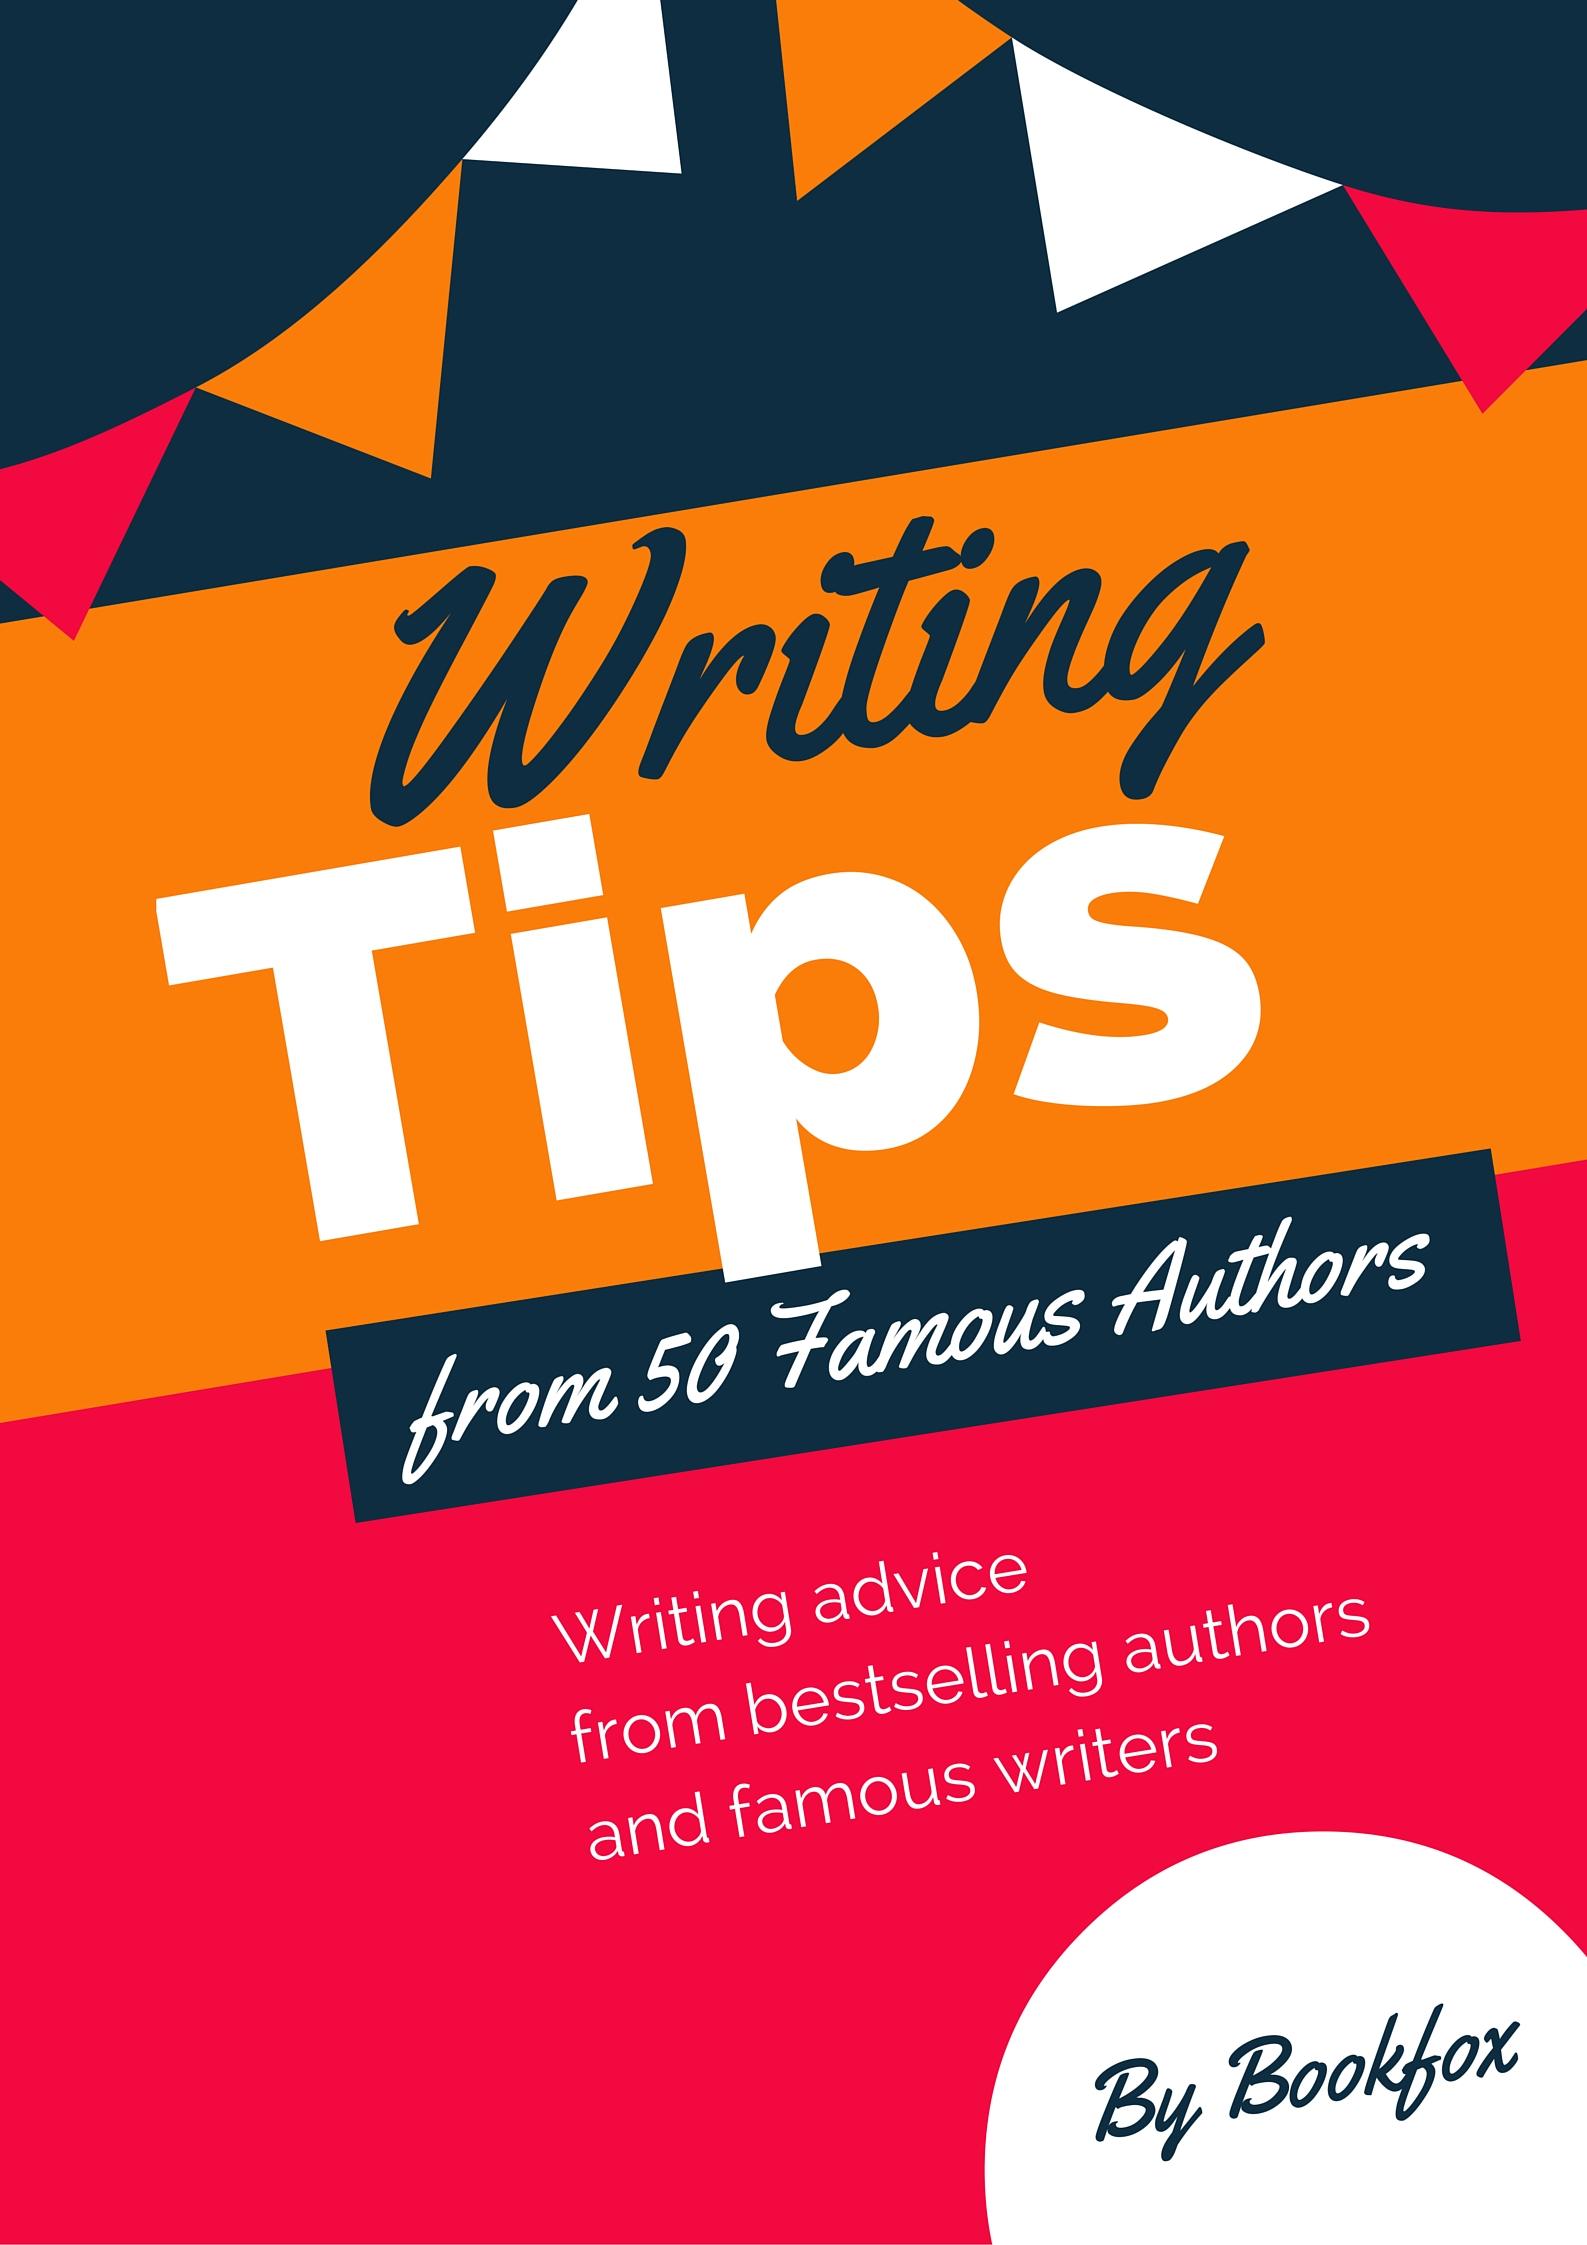 creative authors needed